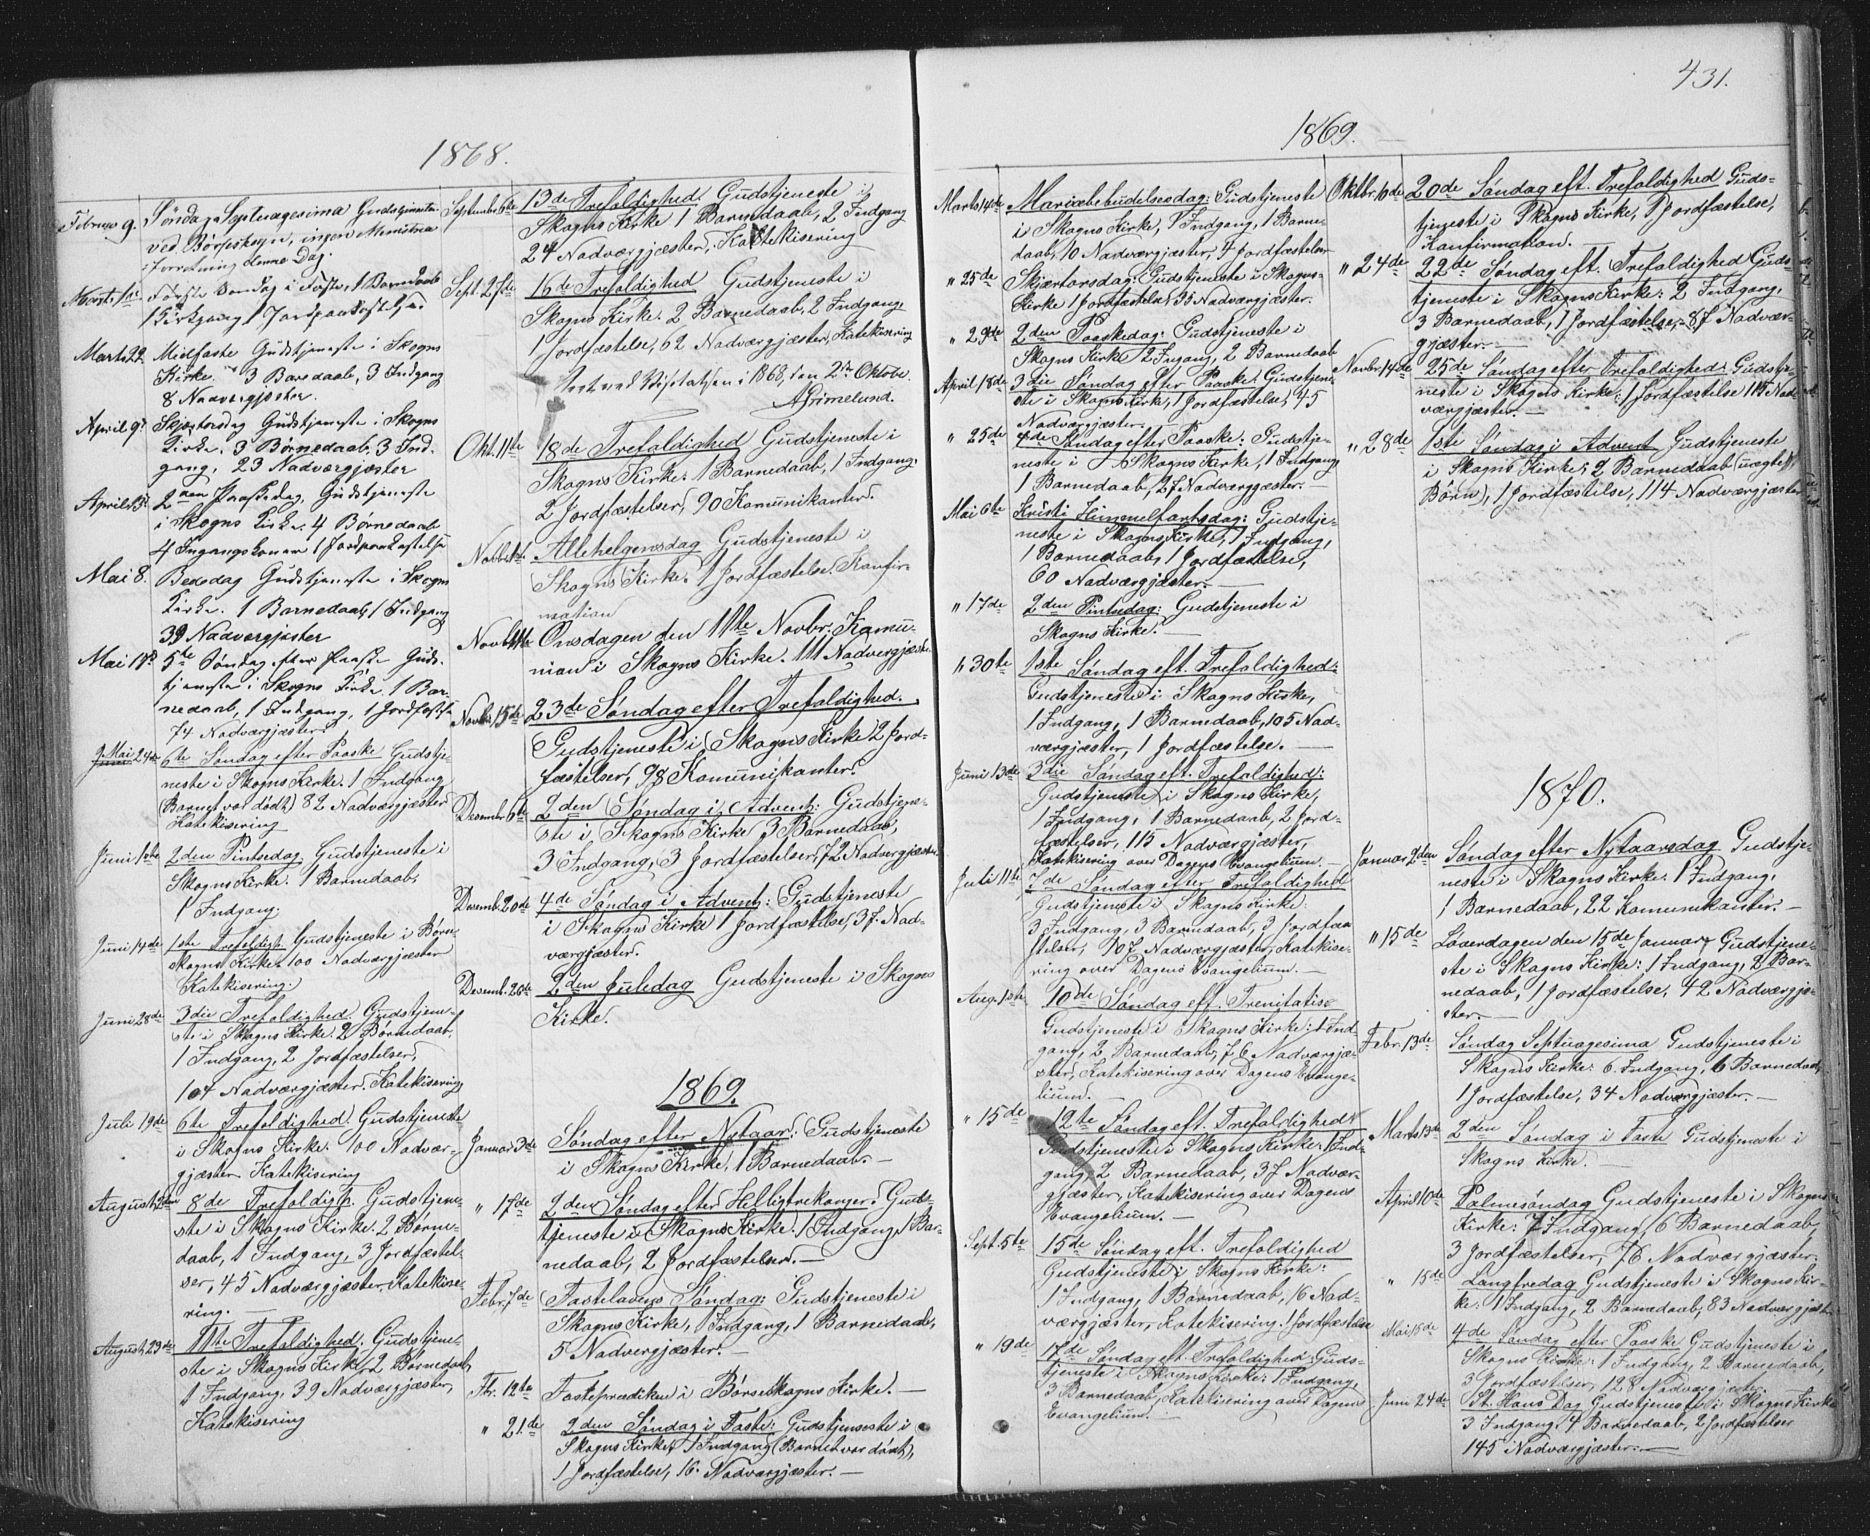 SAT, Ministerialprotokoller, klokkerbøker og fødselsregistre - Sør-Trøndelag, 667/L0798: Klokkerbok nr. 667C03, 1867-1929, s. 431